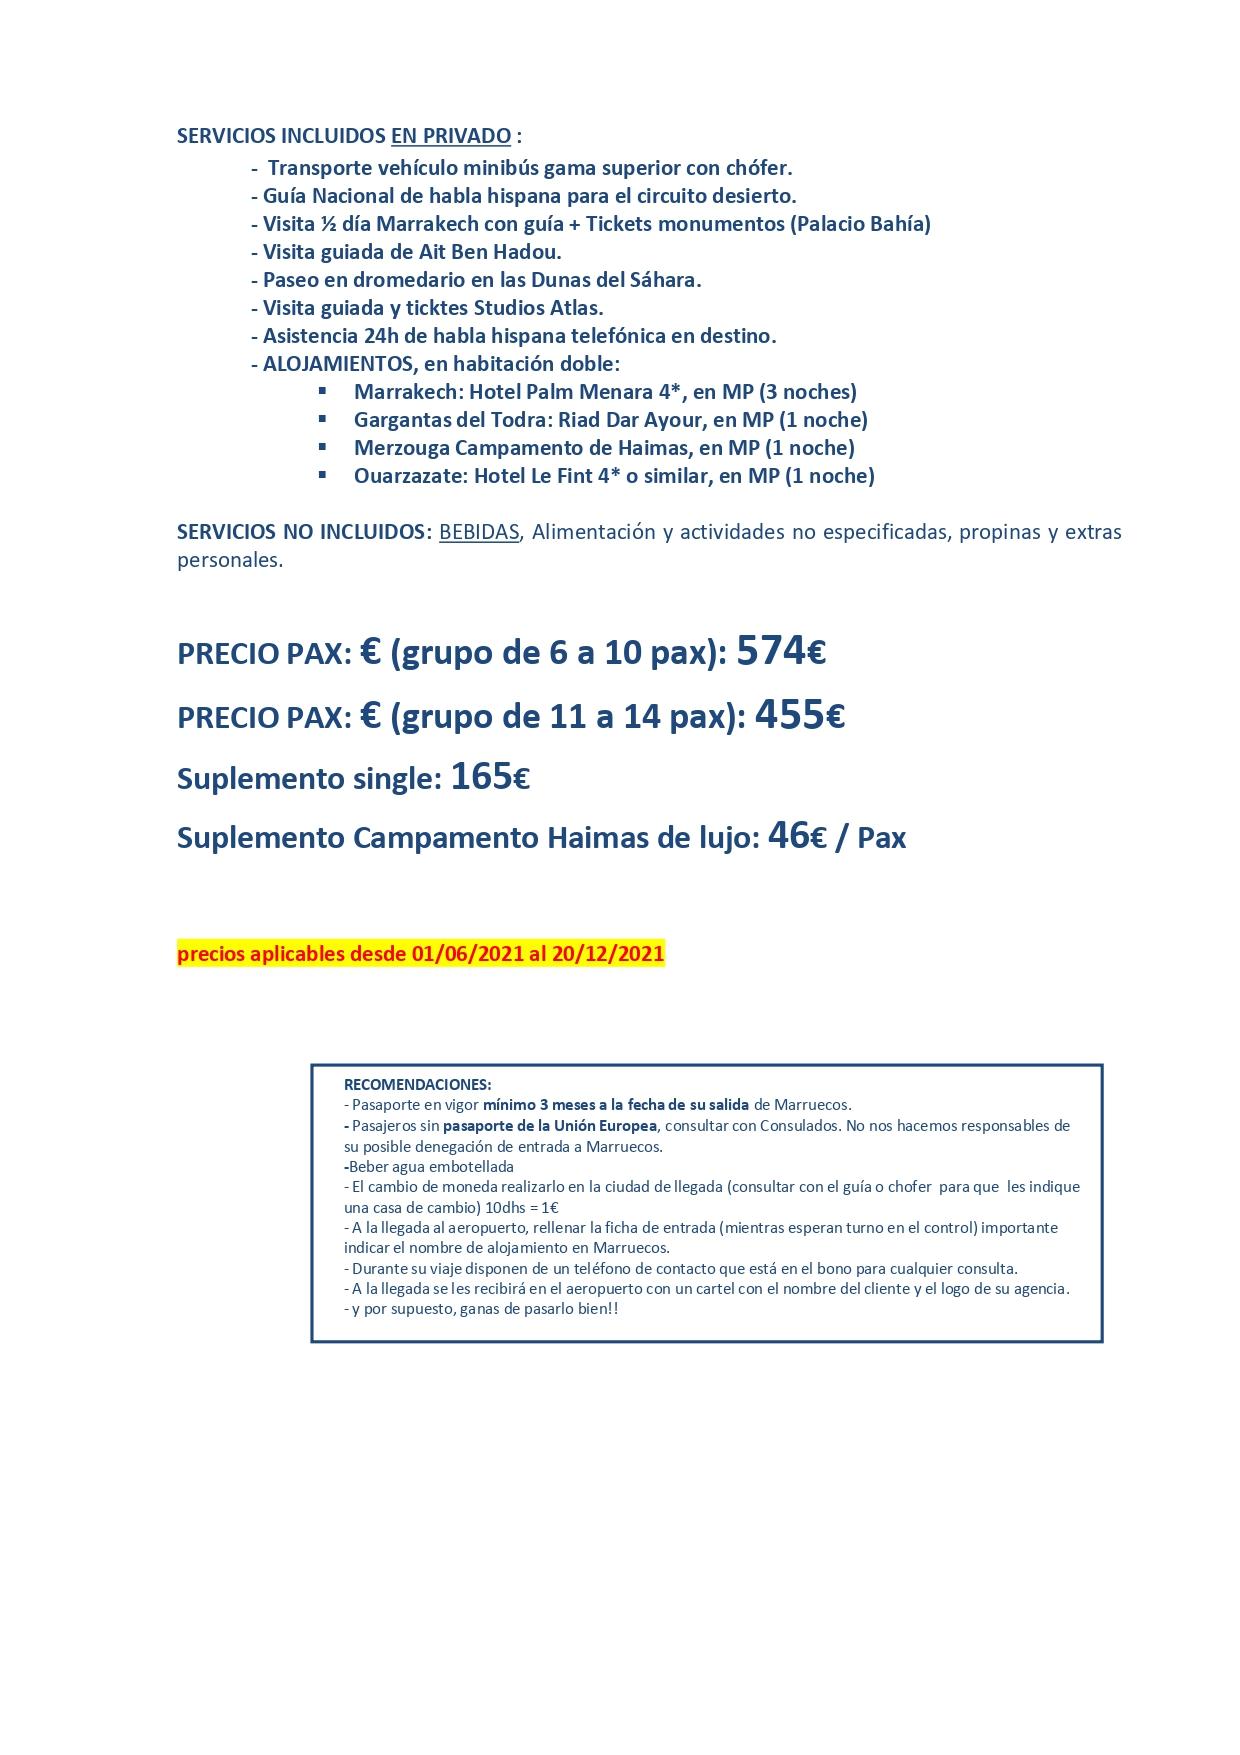 circuito VIKINGOS  Sahara desde Marrakech 7 días junio a diciembre 2021 (1) page 0002